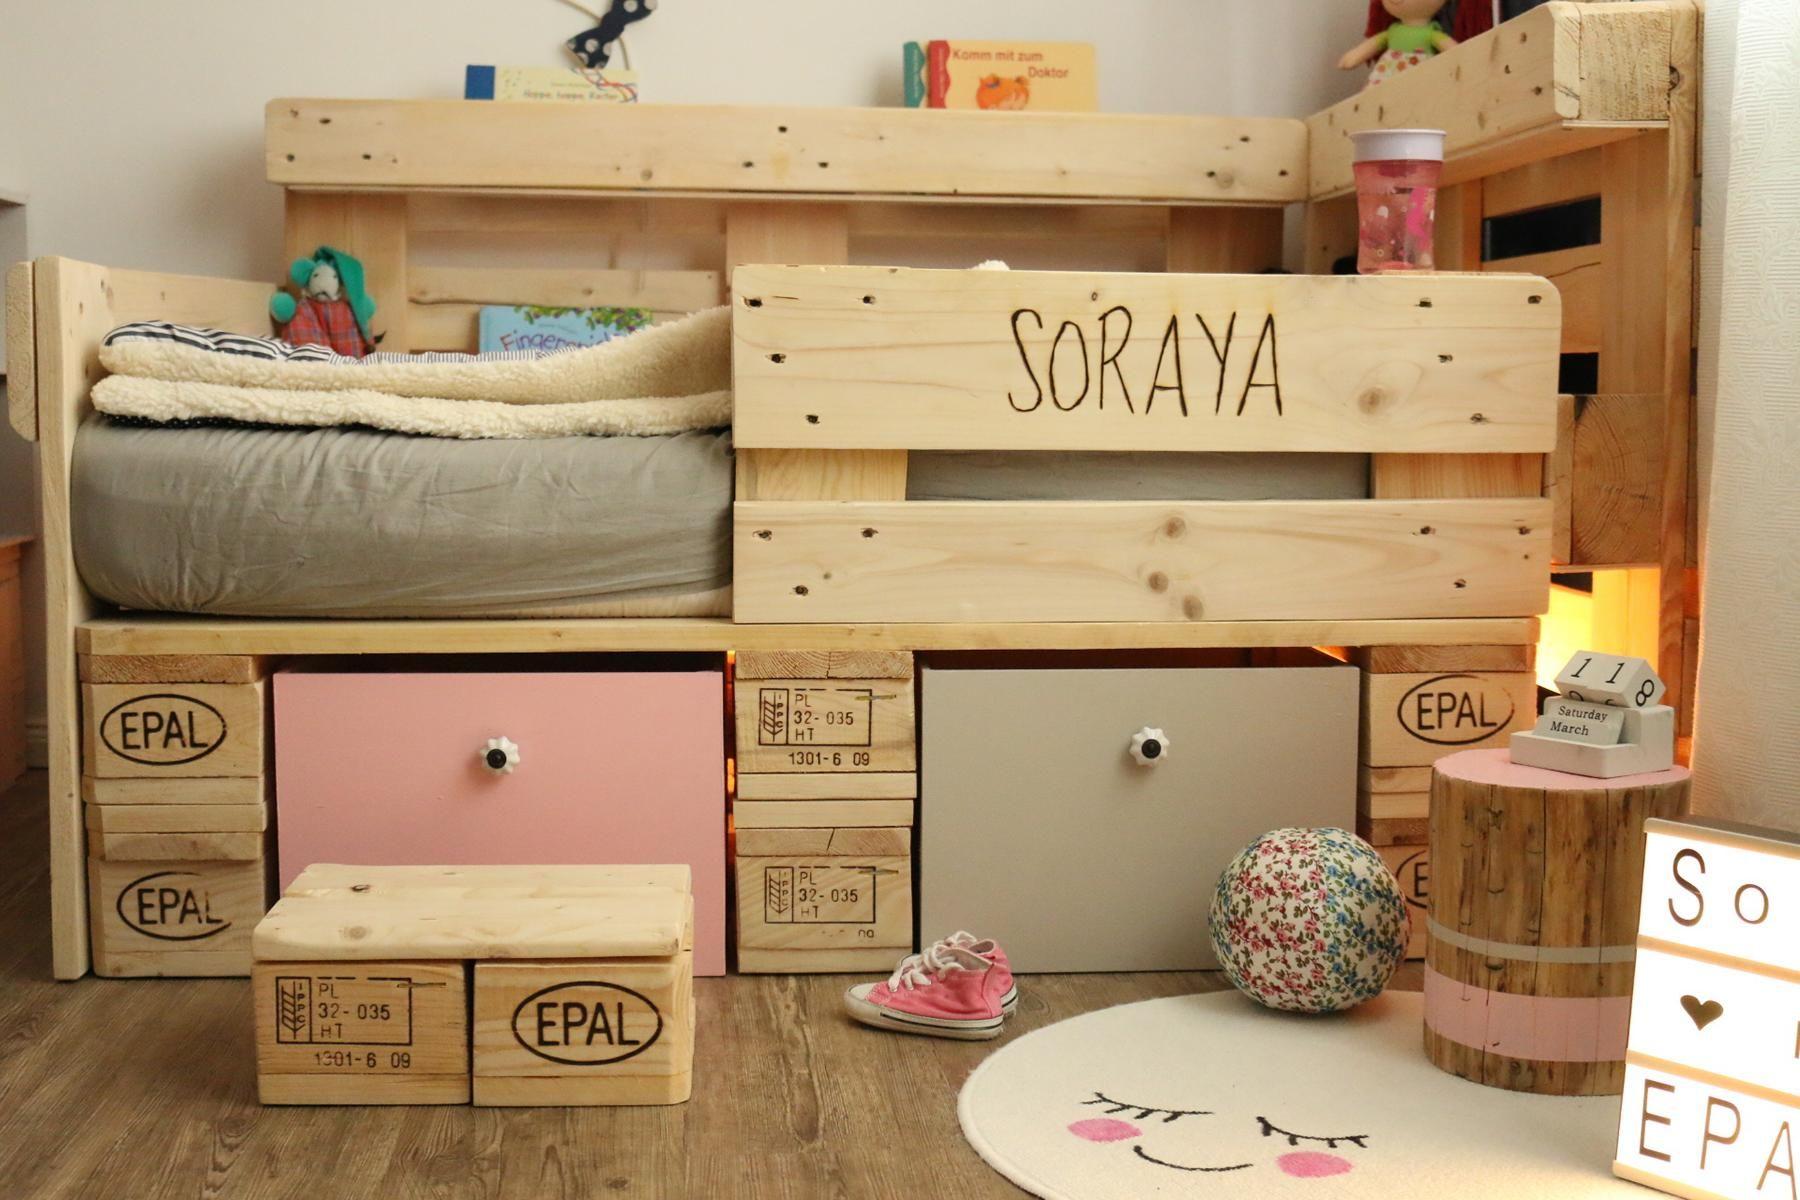 Full Size of Palettenbett Ikea Kinderbett Bett Aus Europaletten Fr Kinder Küche Kosten Betten 160x200 Miniküche Modulküche Sofa Mit Schlaffunktion Bei Kaufen Wohnzimmer Palettenbett Ikea